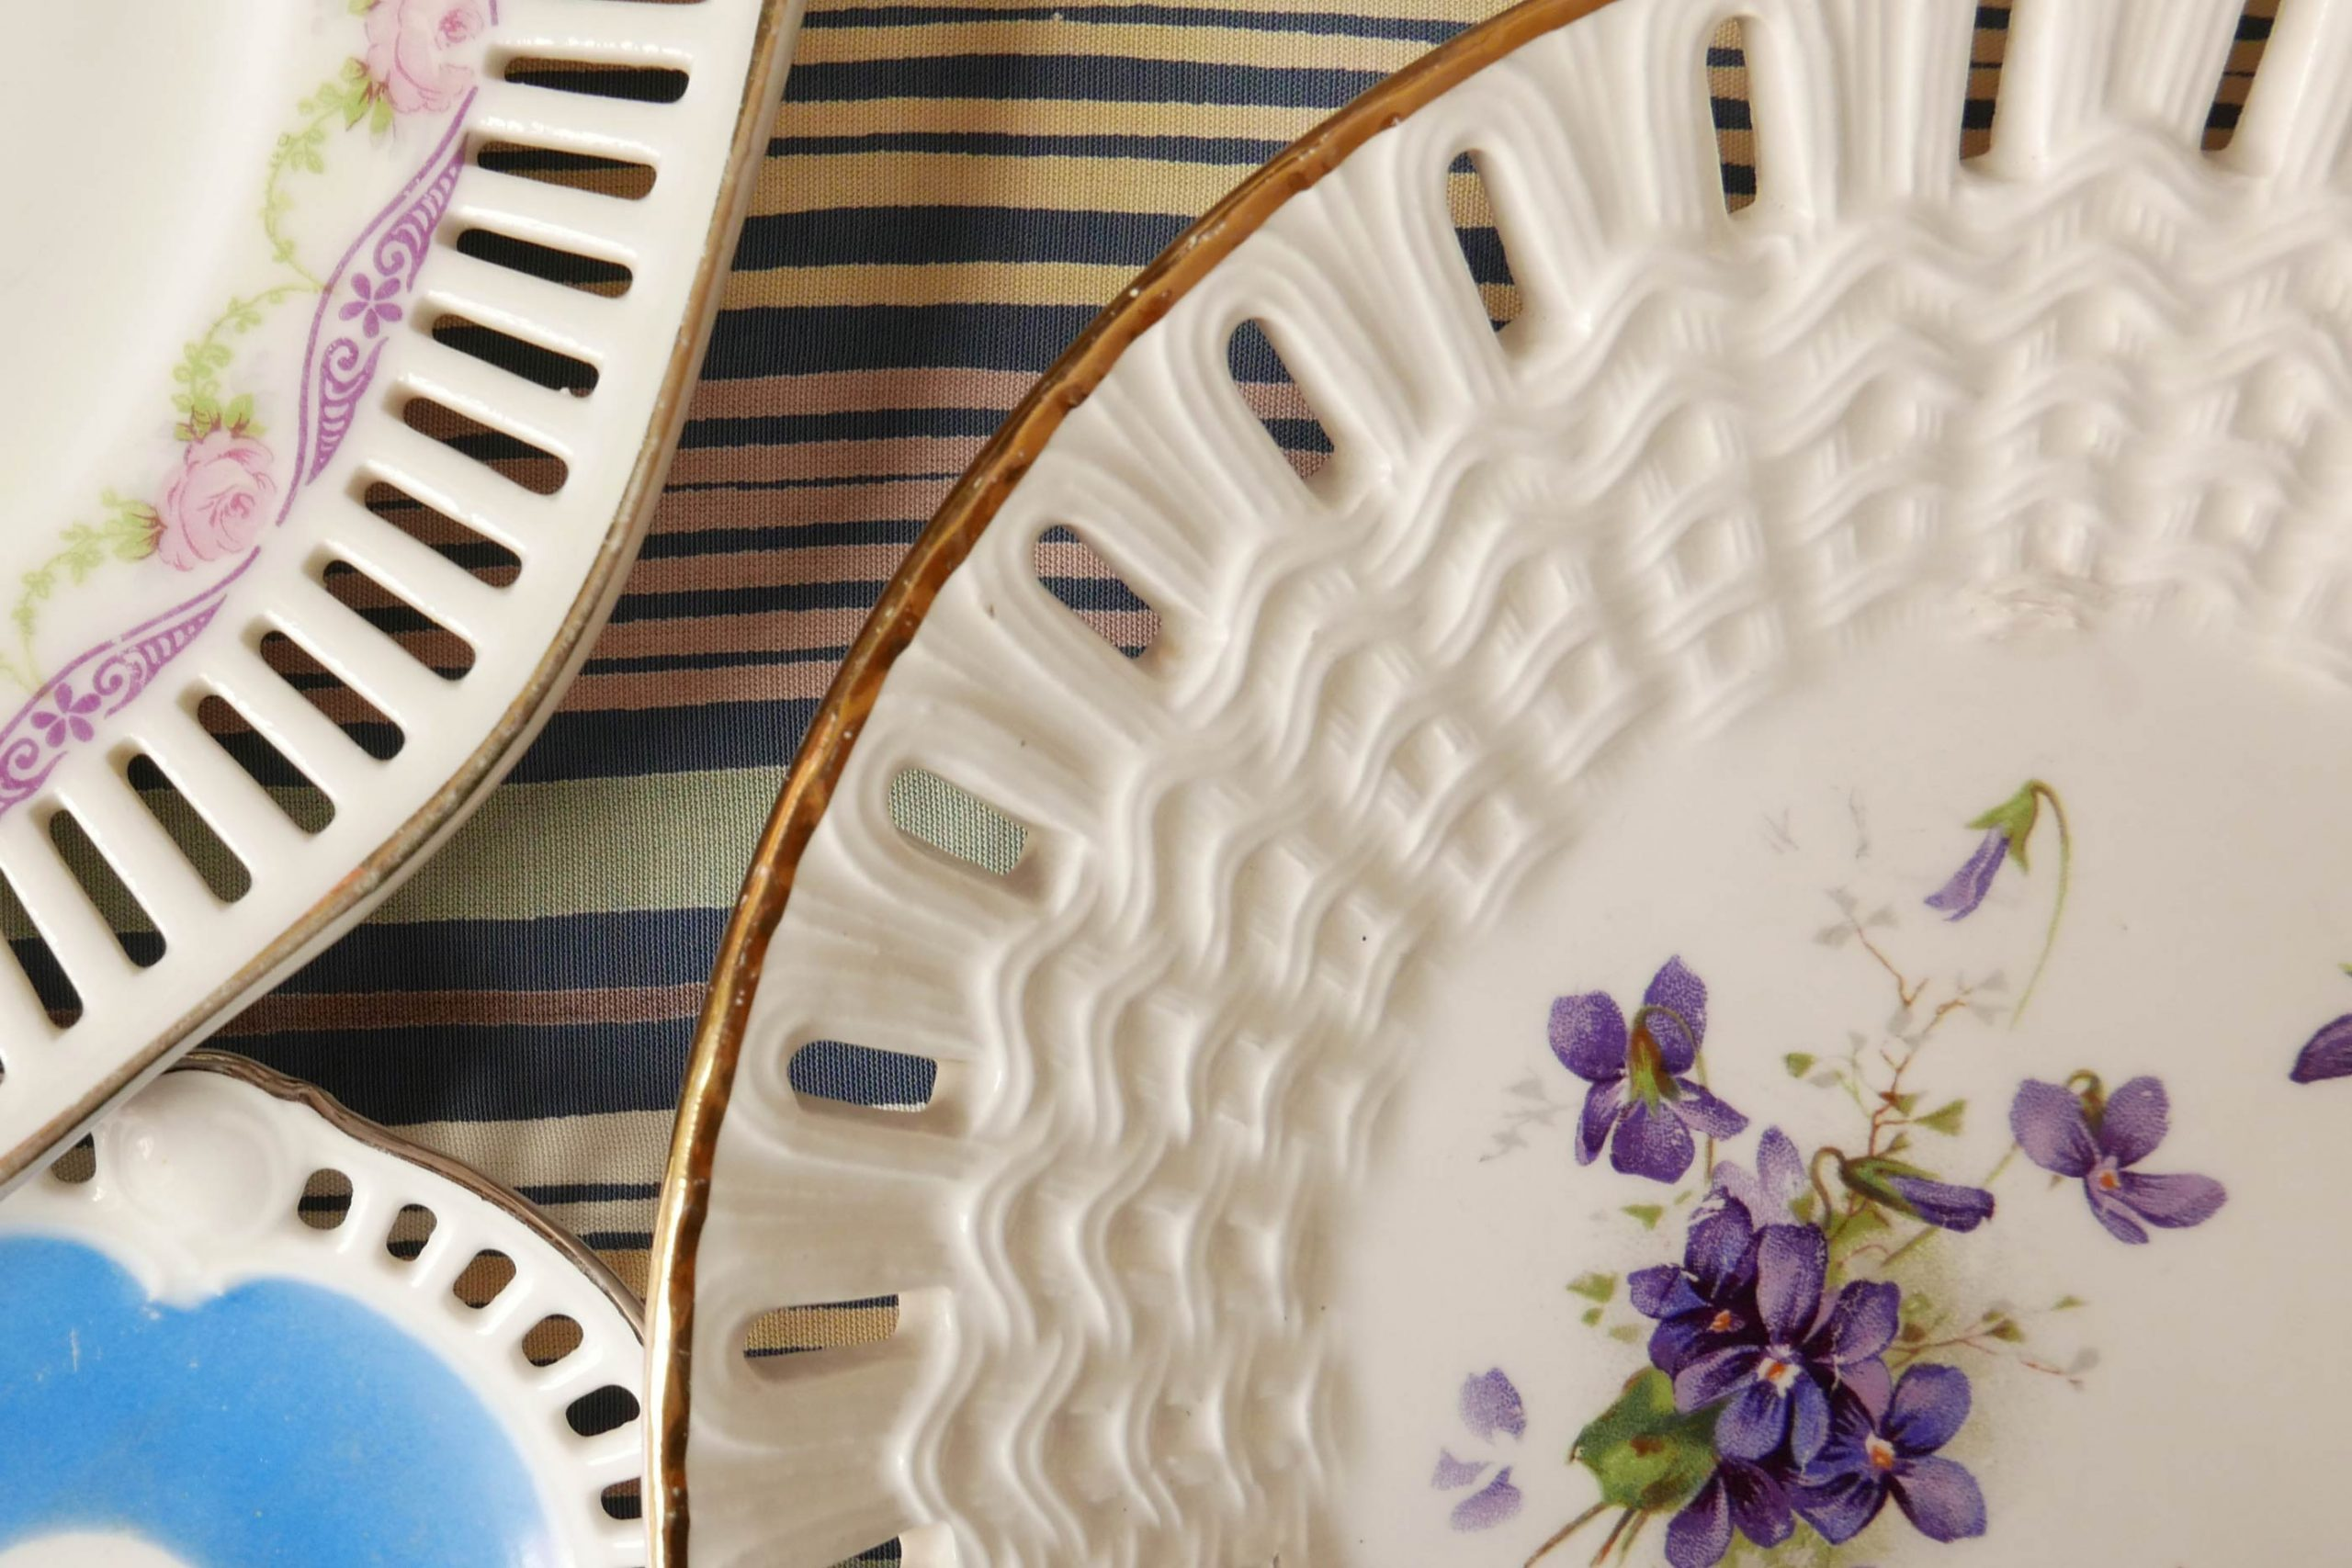 Tellerrand Durchbruchporzellan mit floralen Mustern